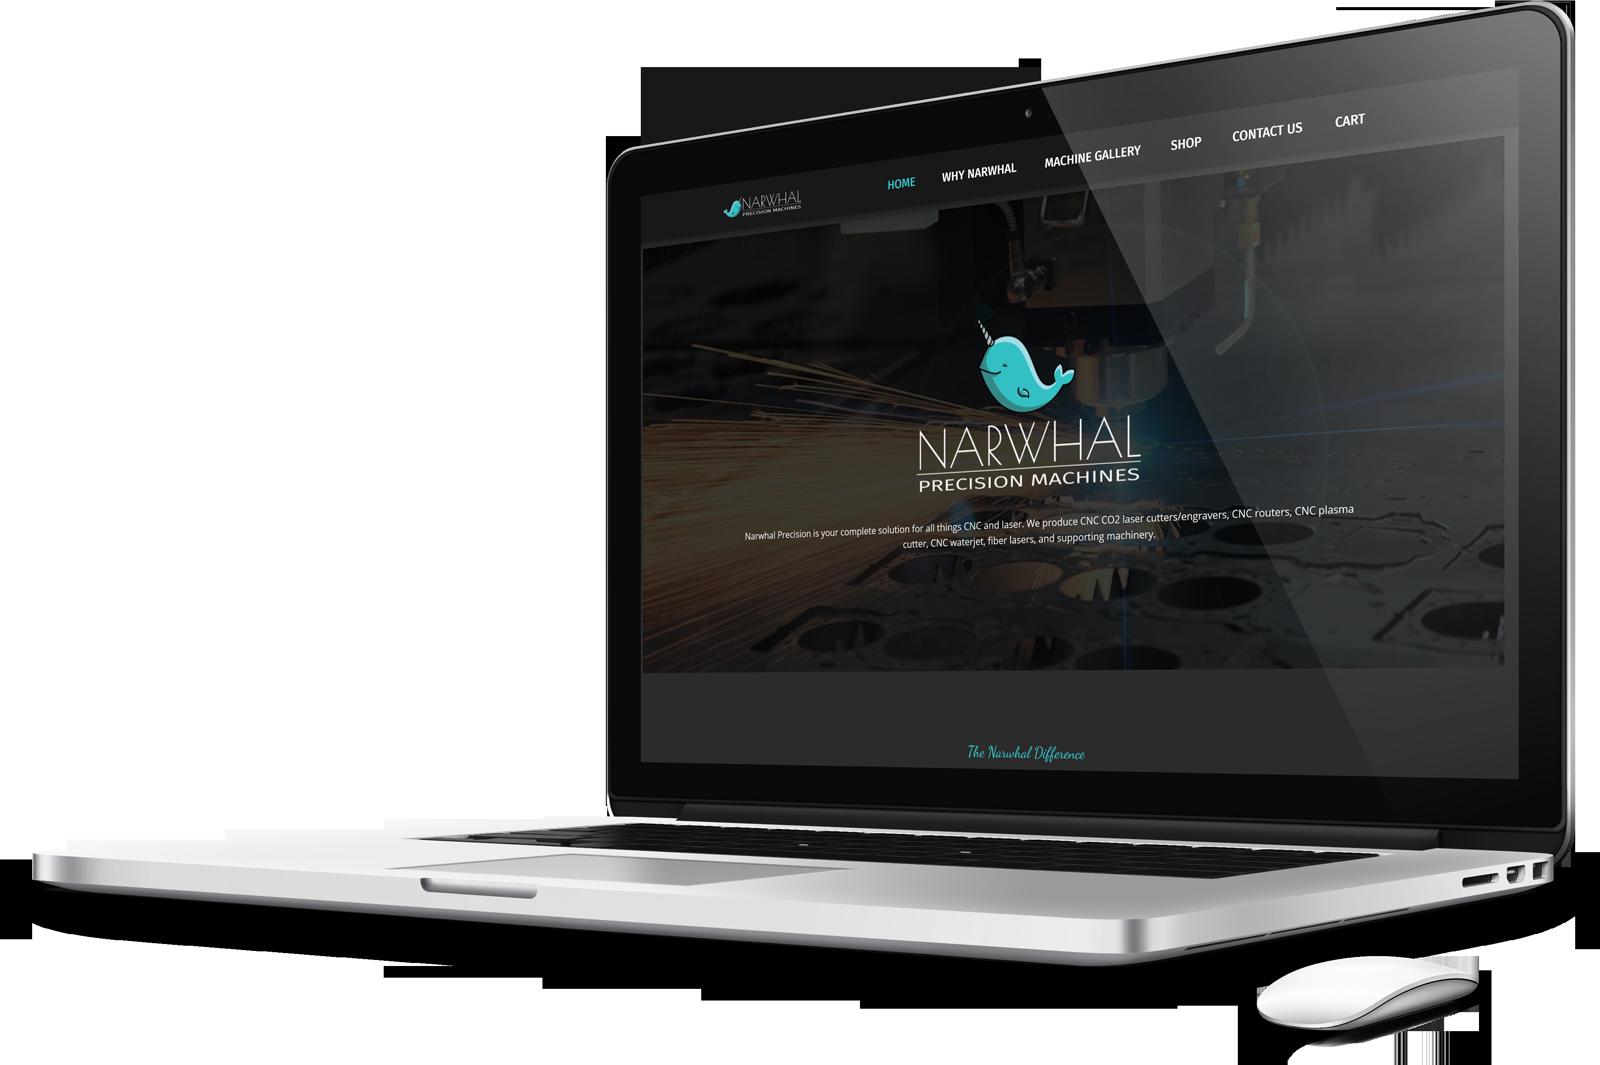 budget-website-design-budget-marketing